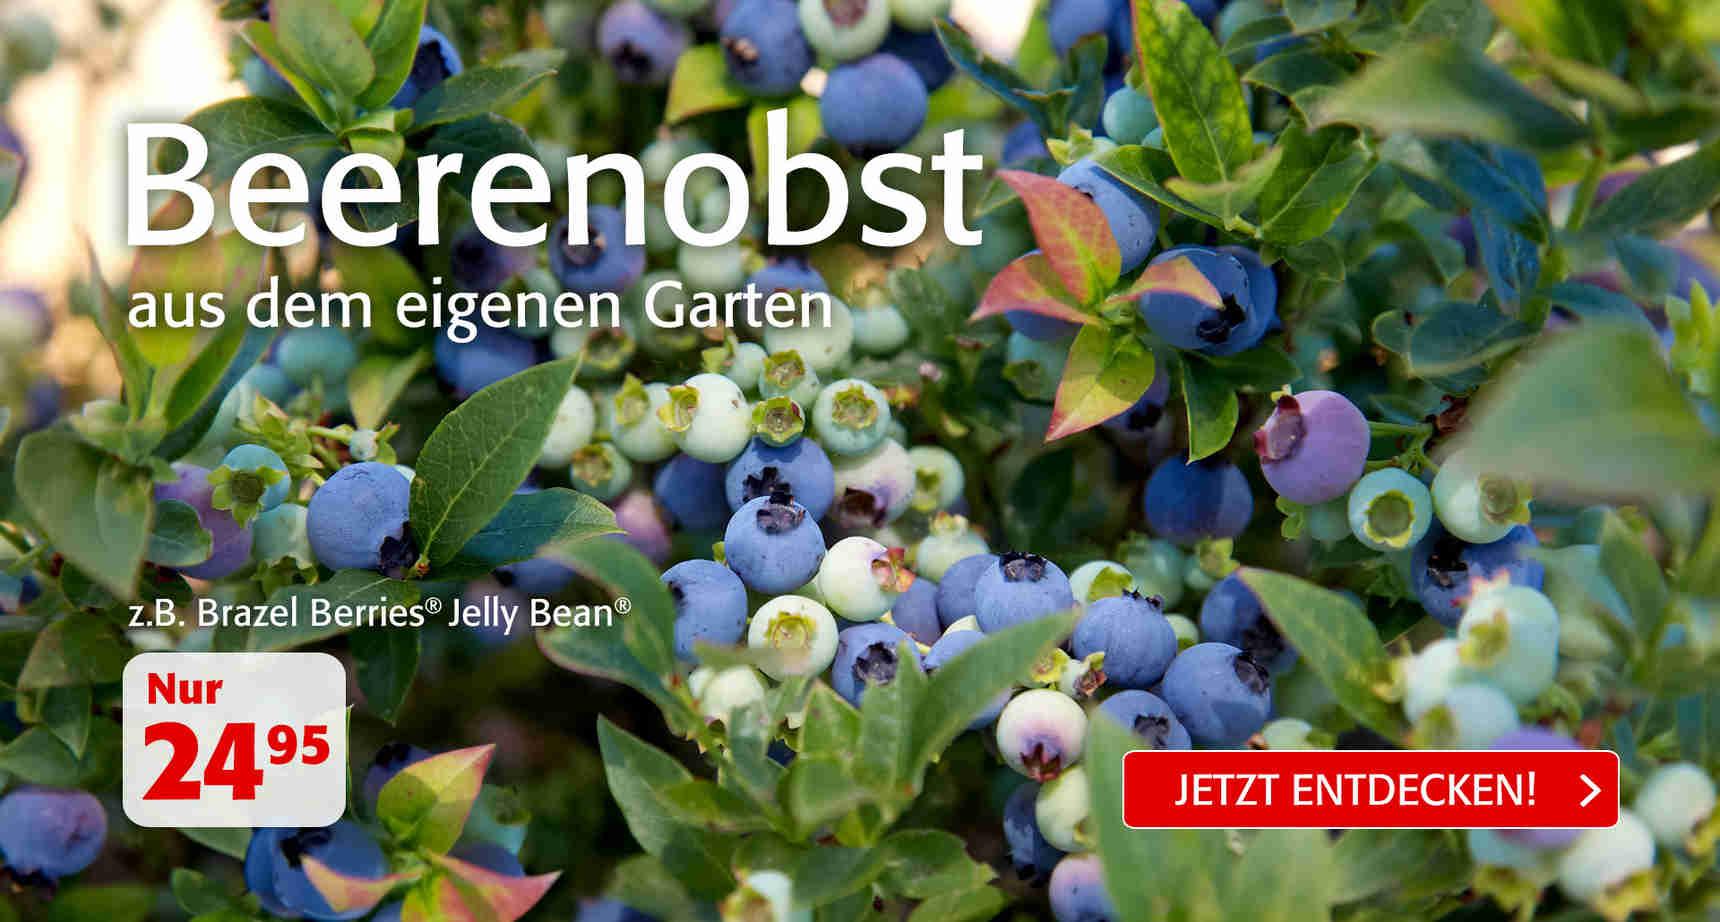 +++ (3) Beerenobst +++ - 3